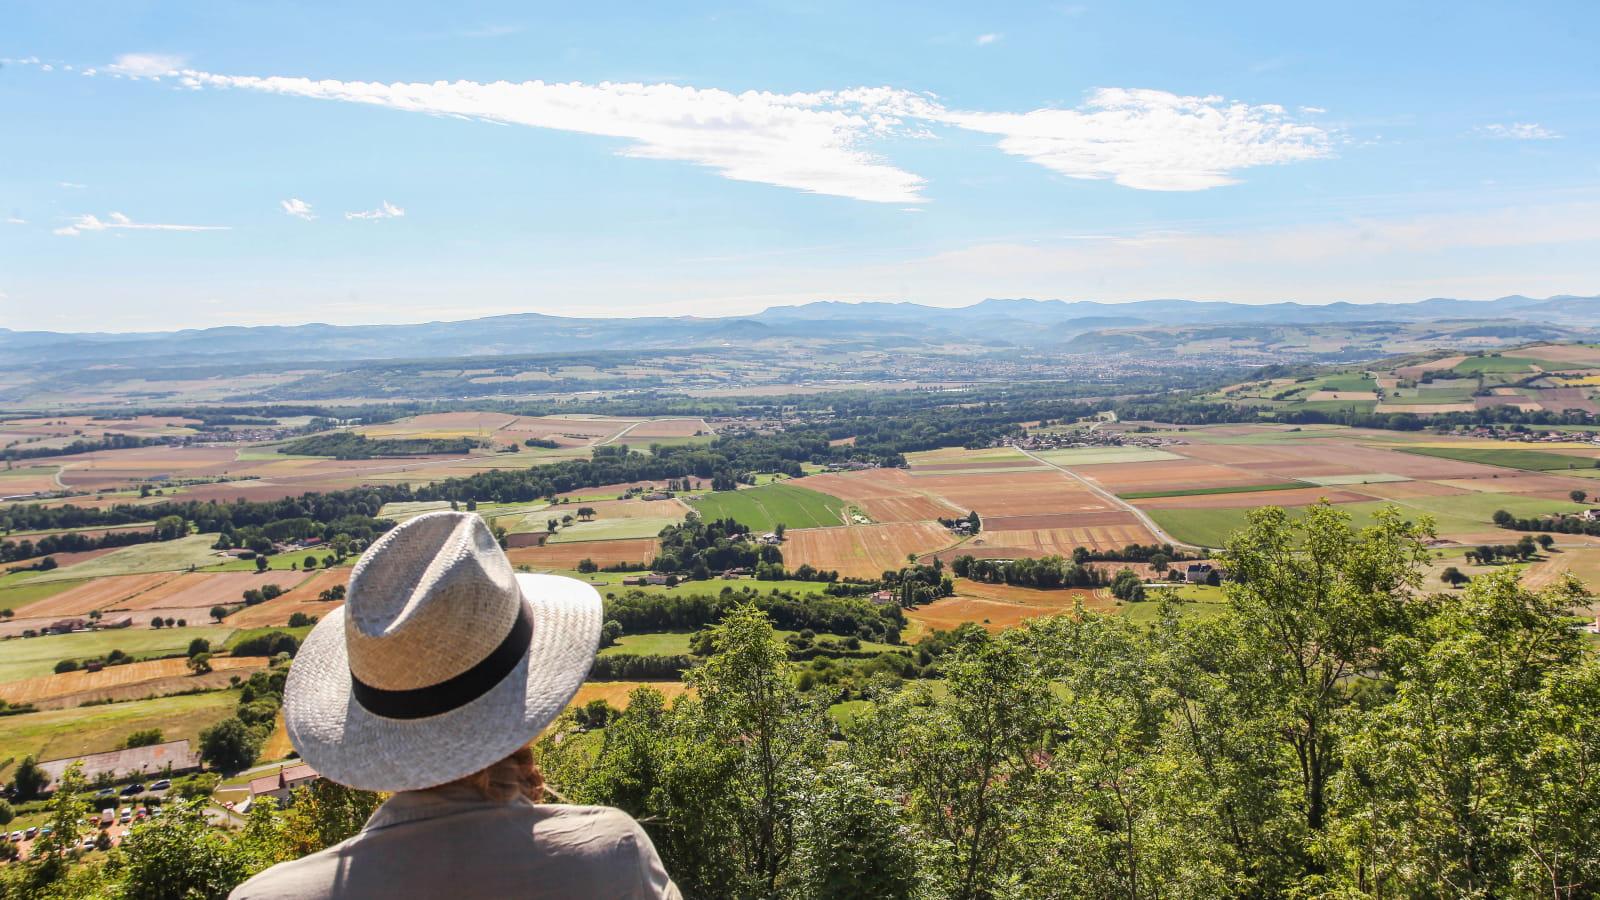 GR® de Pays : Tour de la Reine Margot - Boucle du Val d'Allier n°2